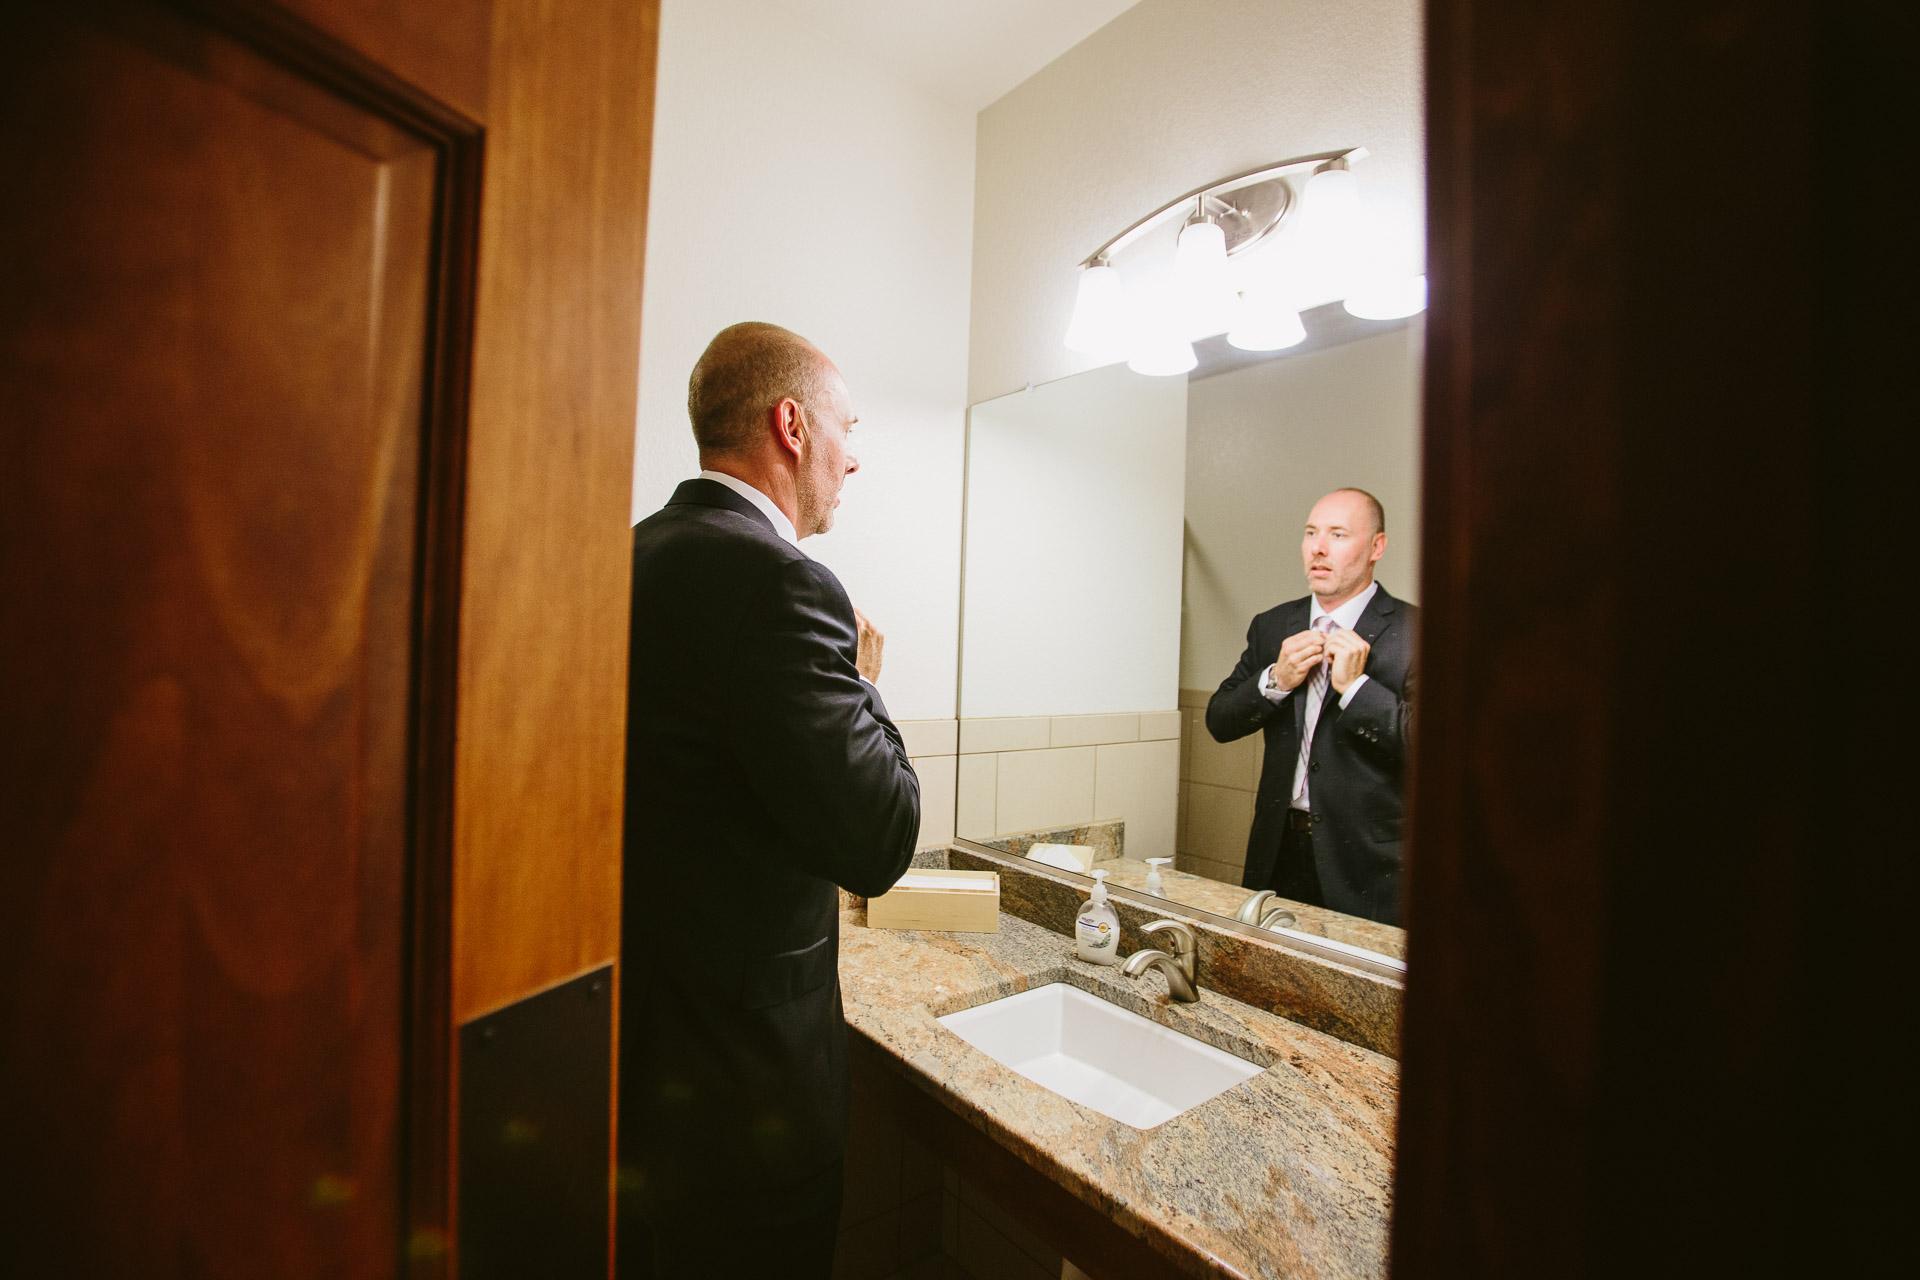 Colorado Wedding Photography - Fix The Tie